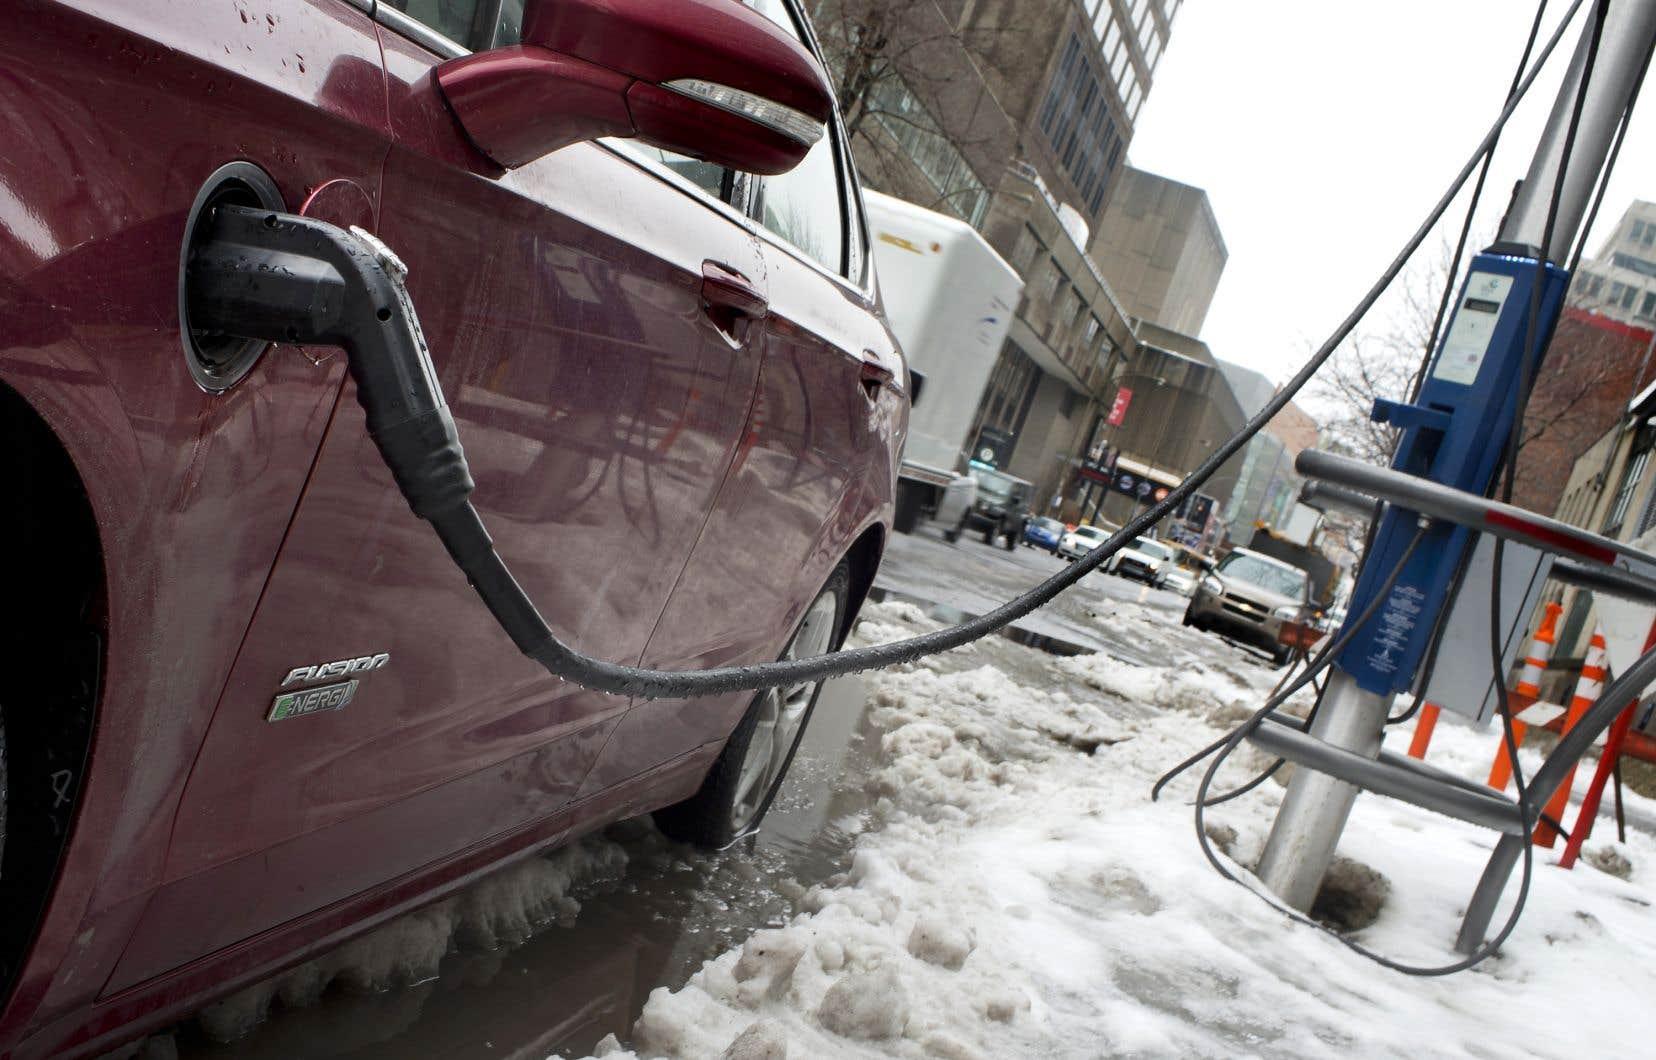 Puisqu'elle n'émet aucun polluant et fonctionne sans énergie fossile, la voiture électrique s'est vite imposée comme un remède pour améliorer la qualité de l'air.